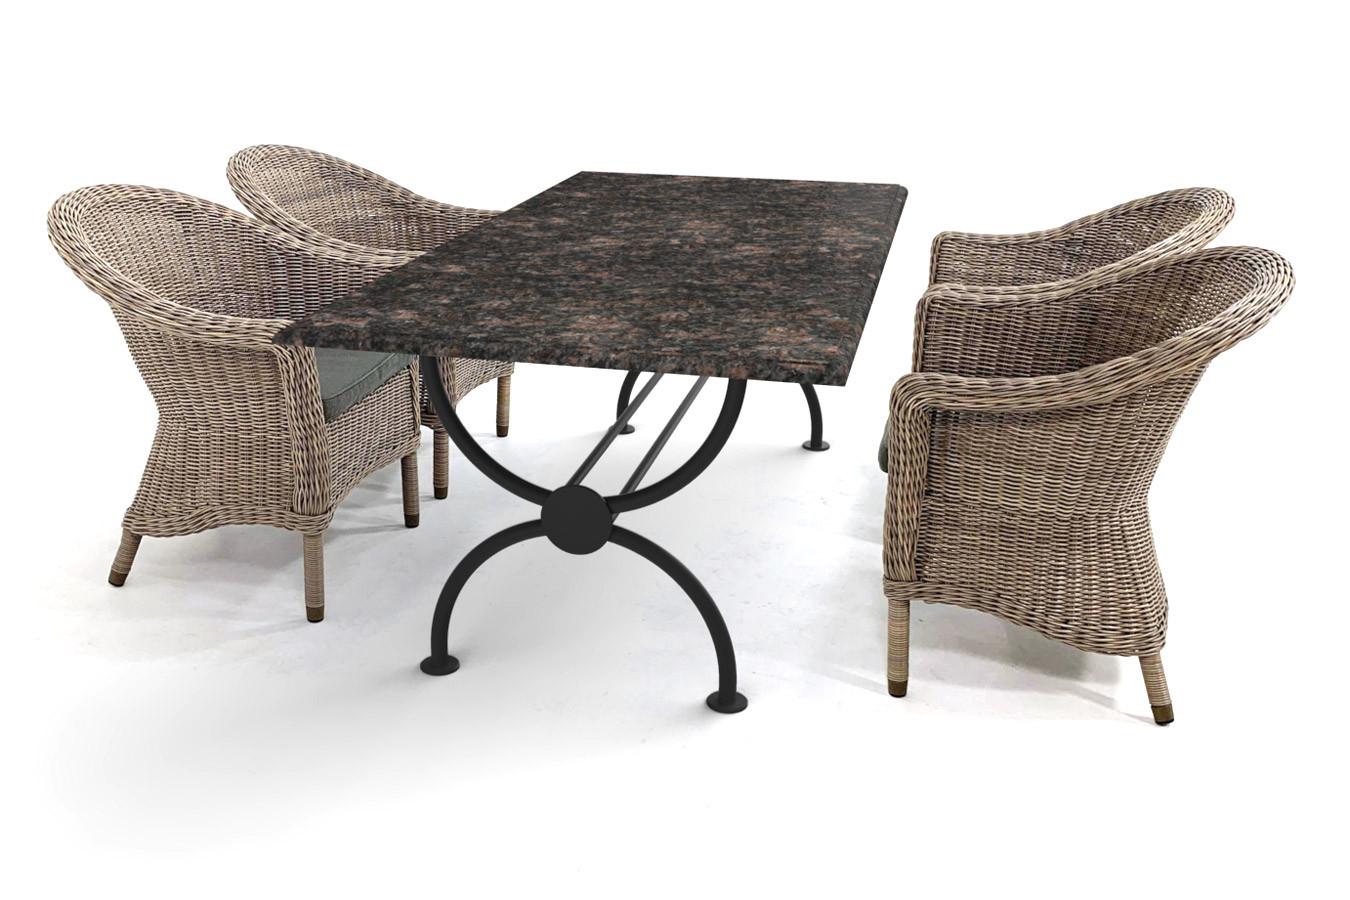 Granieten tuintafel met klassiek Rondo tafelonderstel en heerlijke vlechtwerk stoelen van 4SO